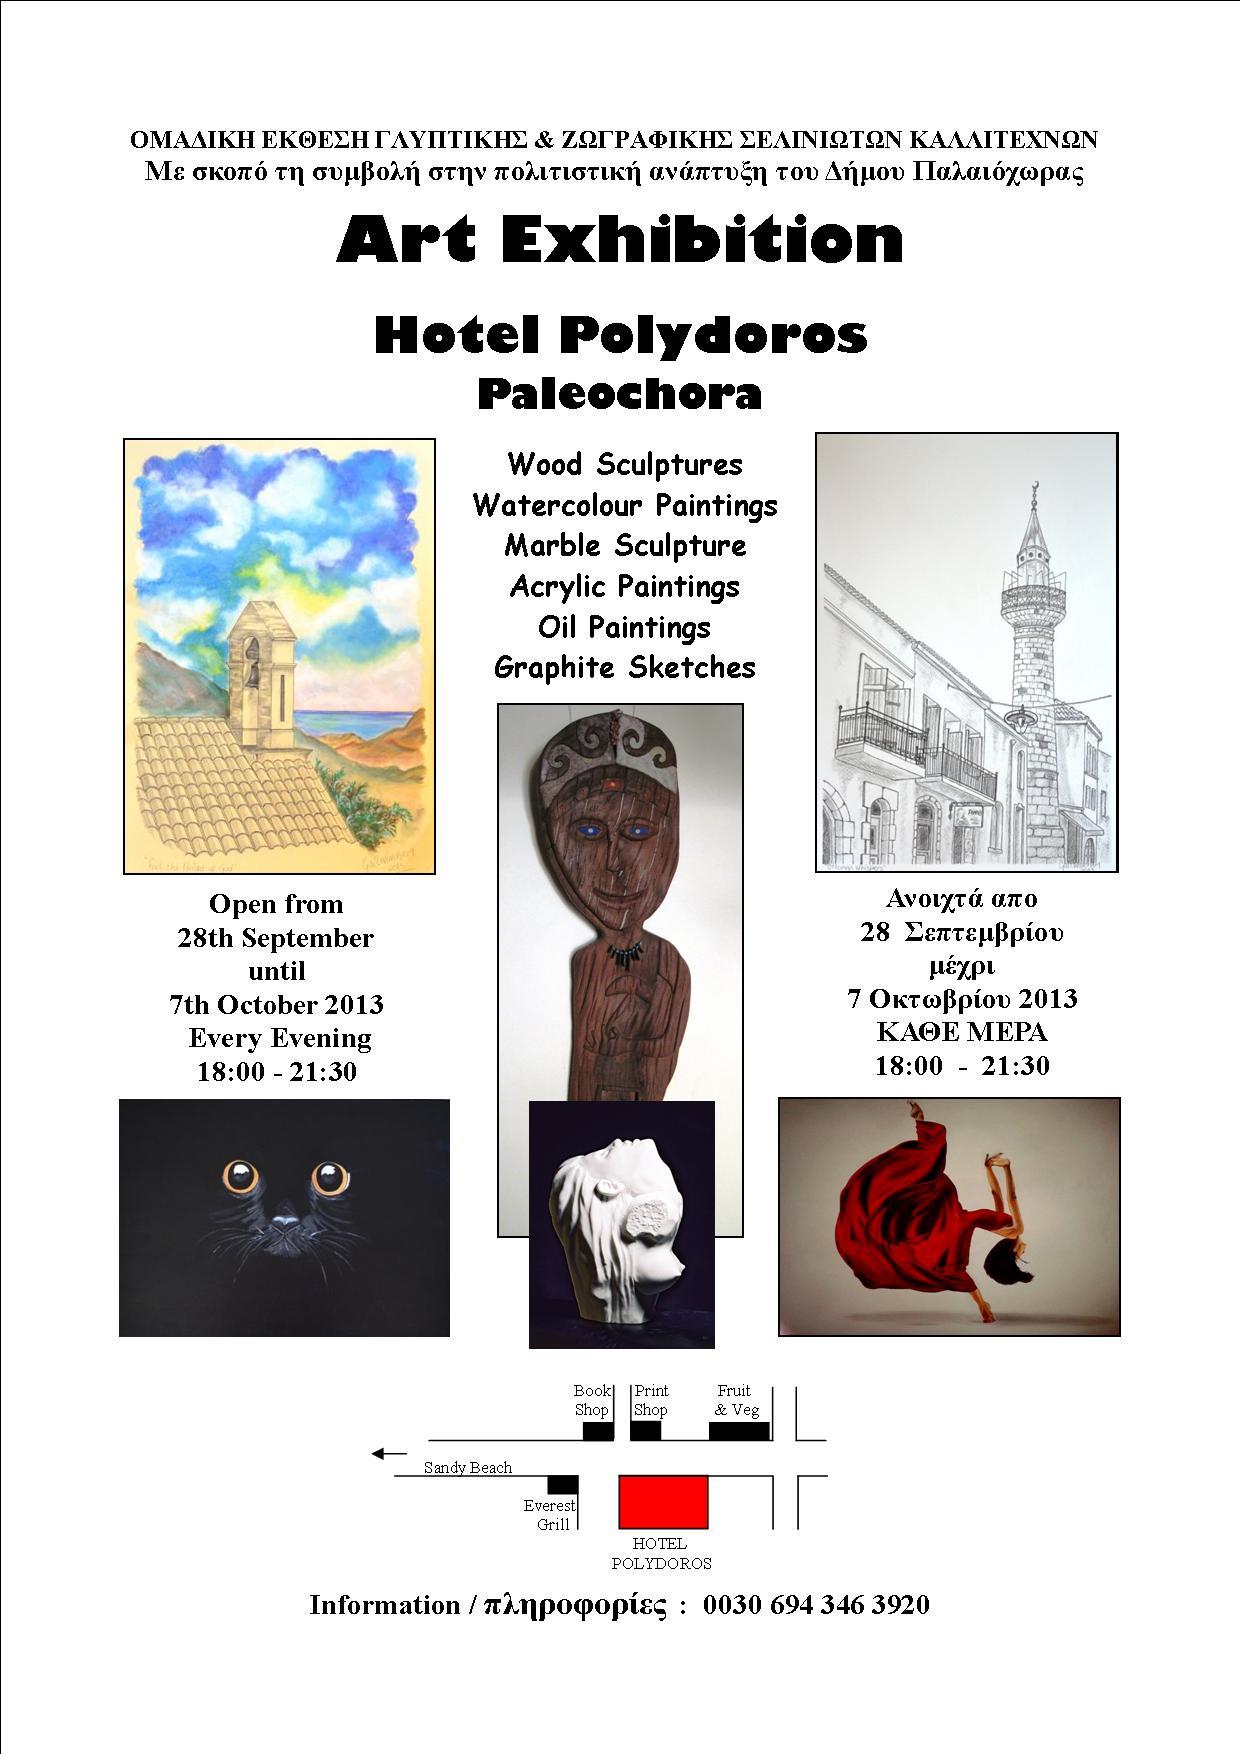 Ausstellung im Hotel Polydoros vom 28. September bis 7. Okt.